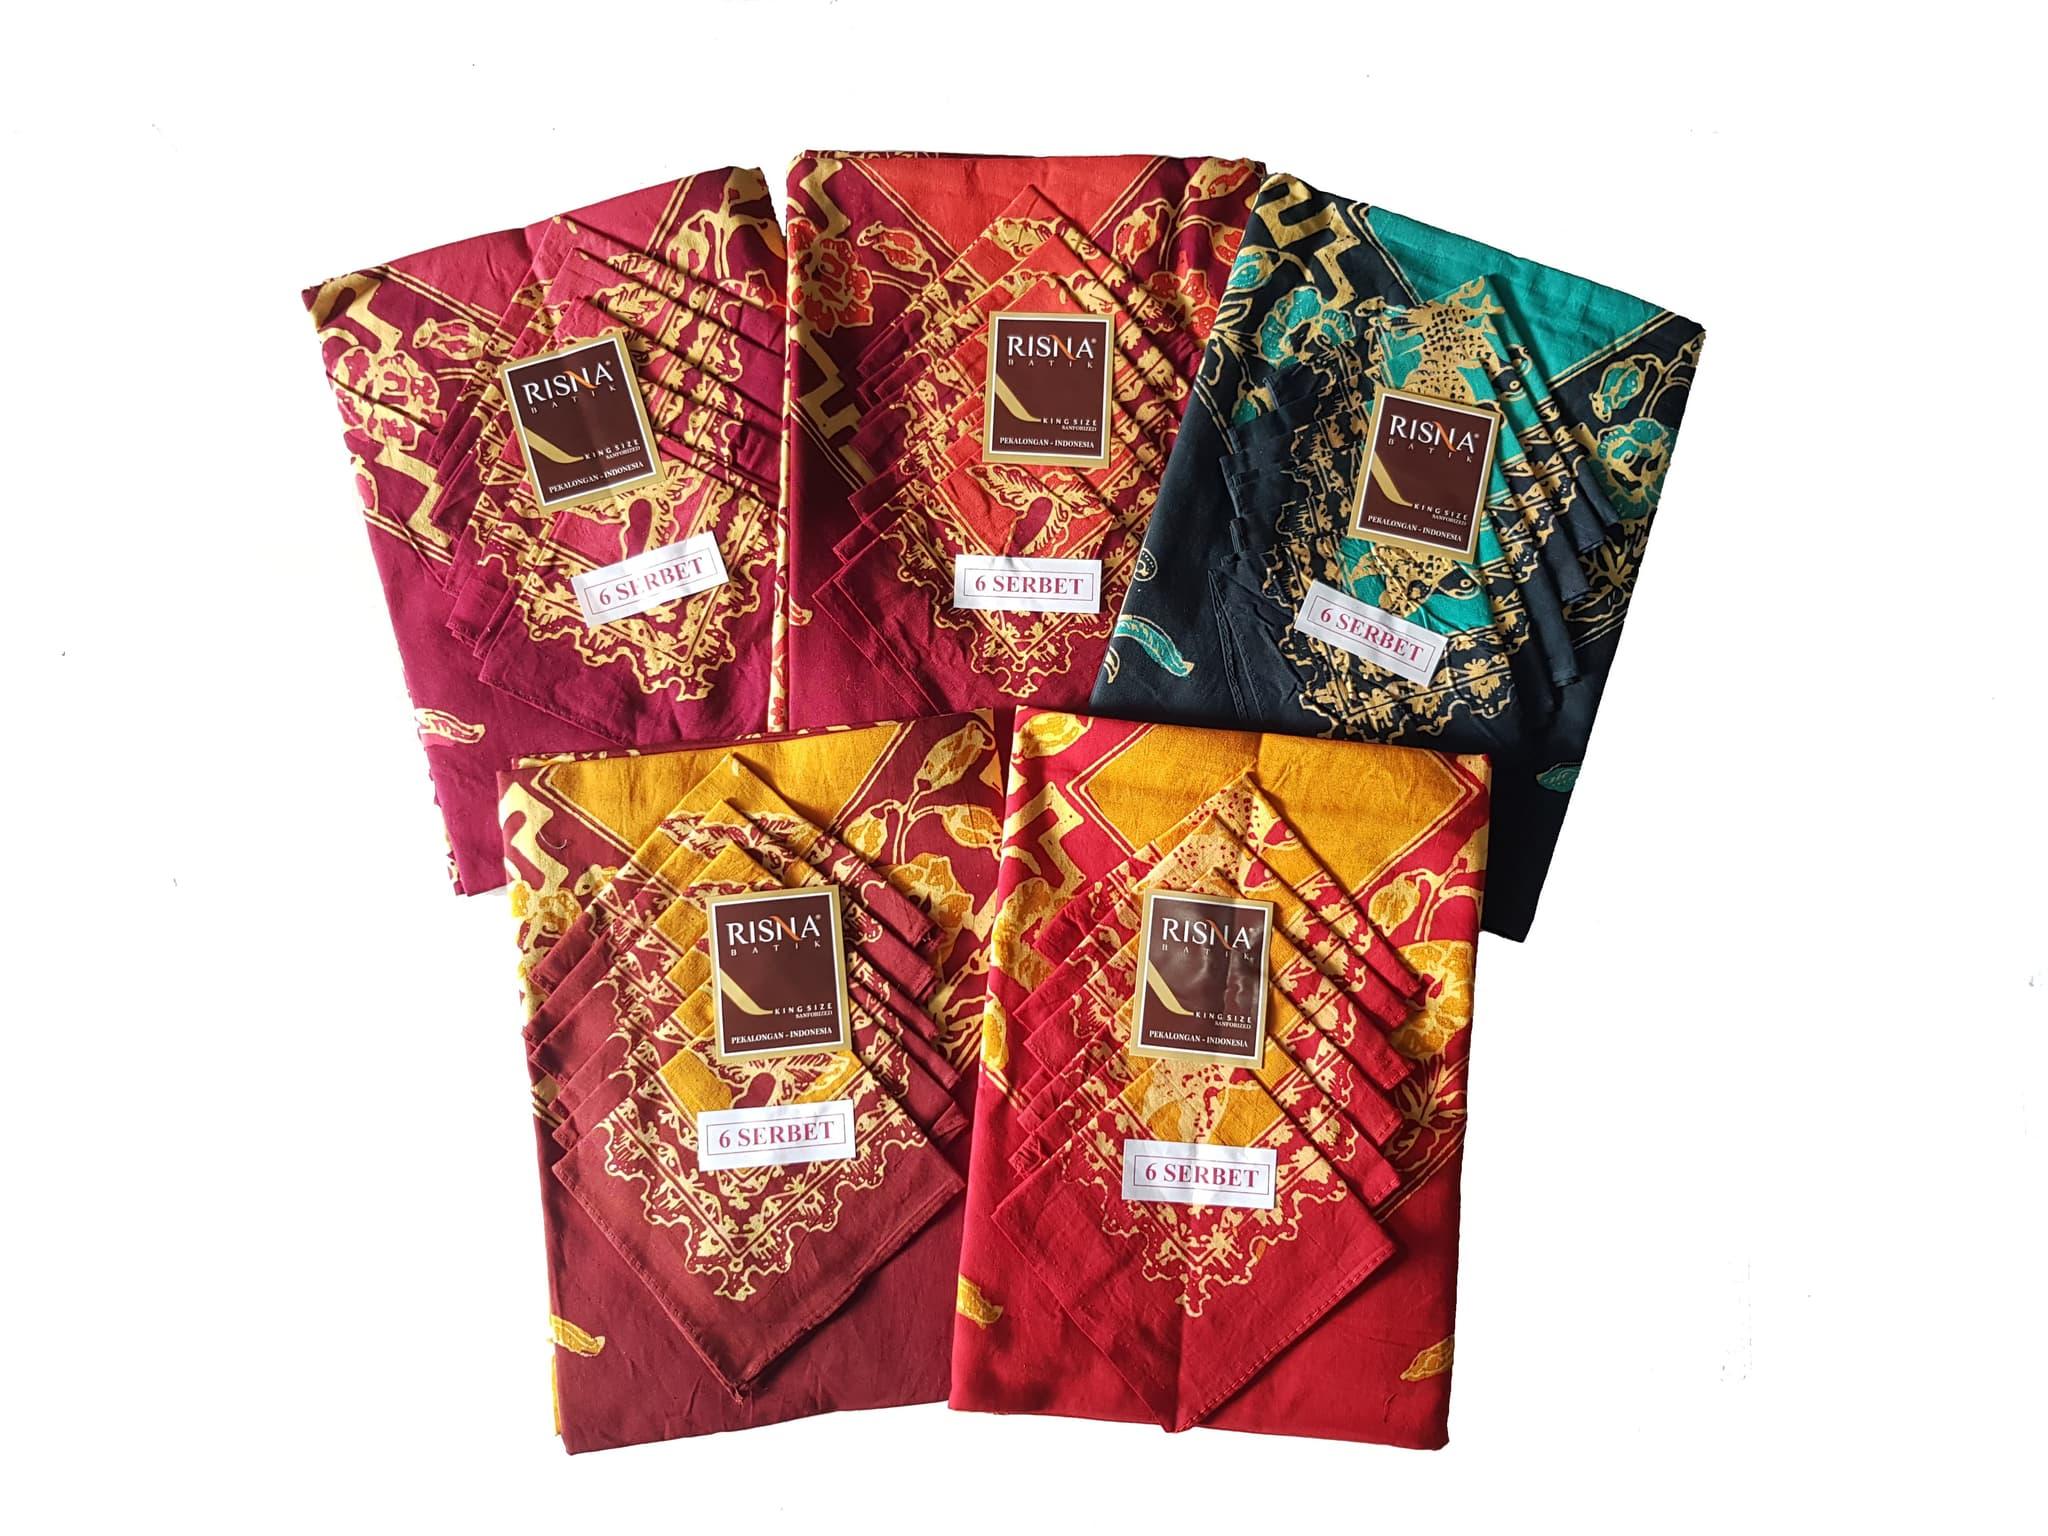 Jual 6serbet Taplak Meja Makan Cap Risna Batik Pekalongan 6 Sapu Tangan Pria Isi Tokopedia